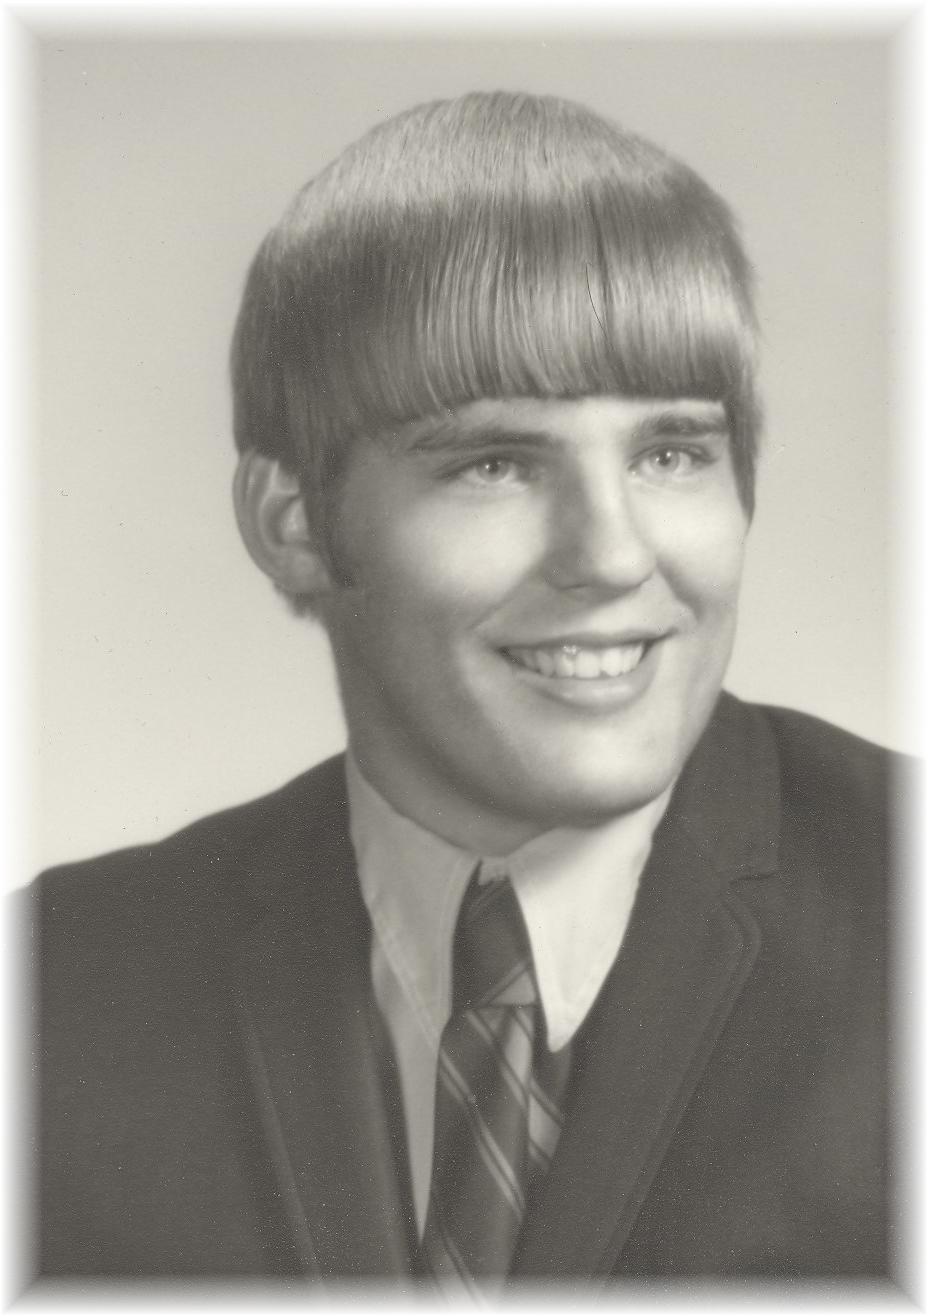 William M. Gurnett